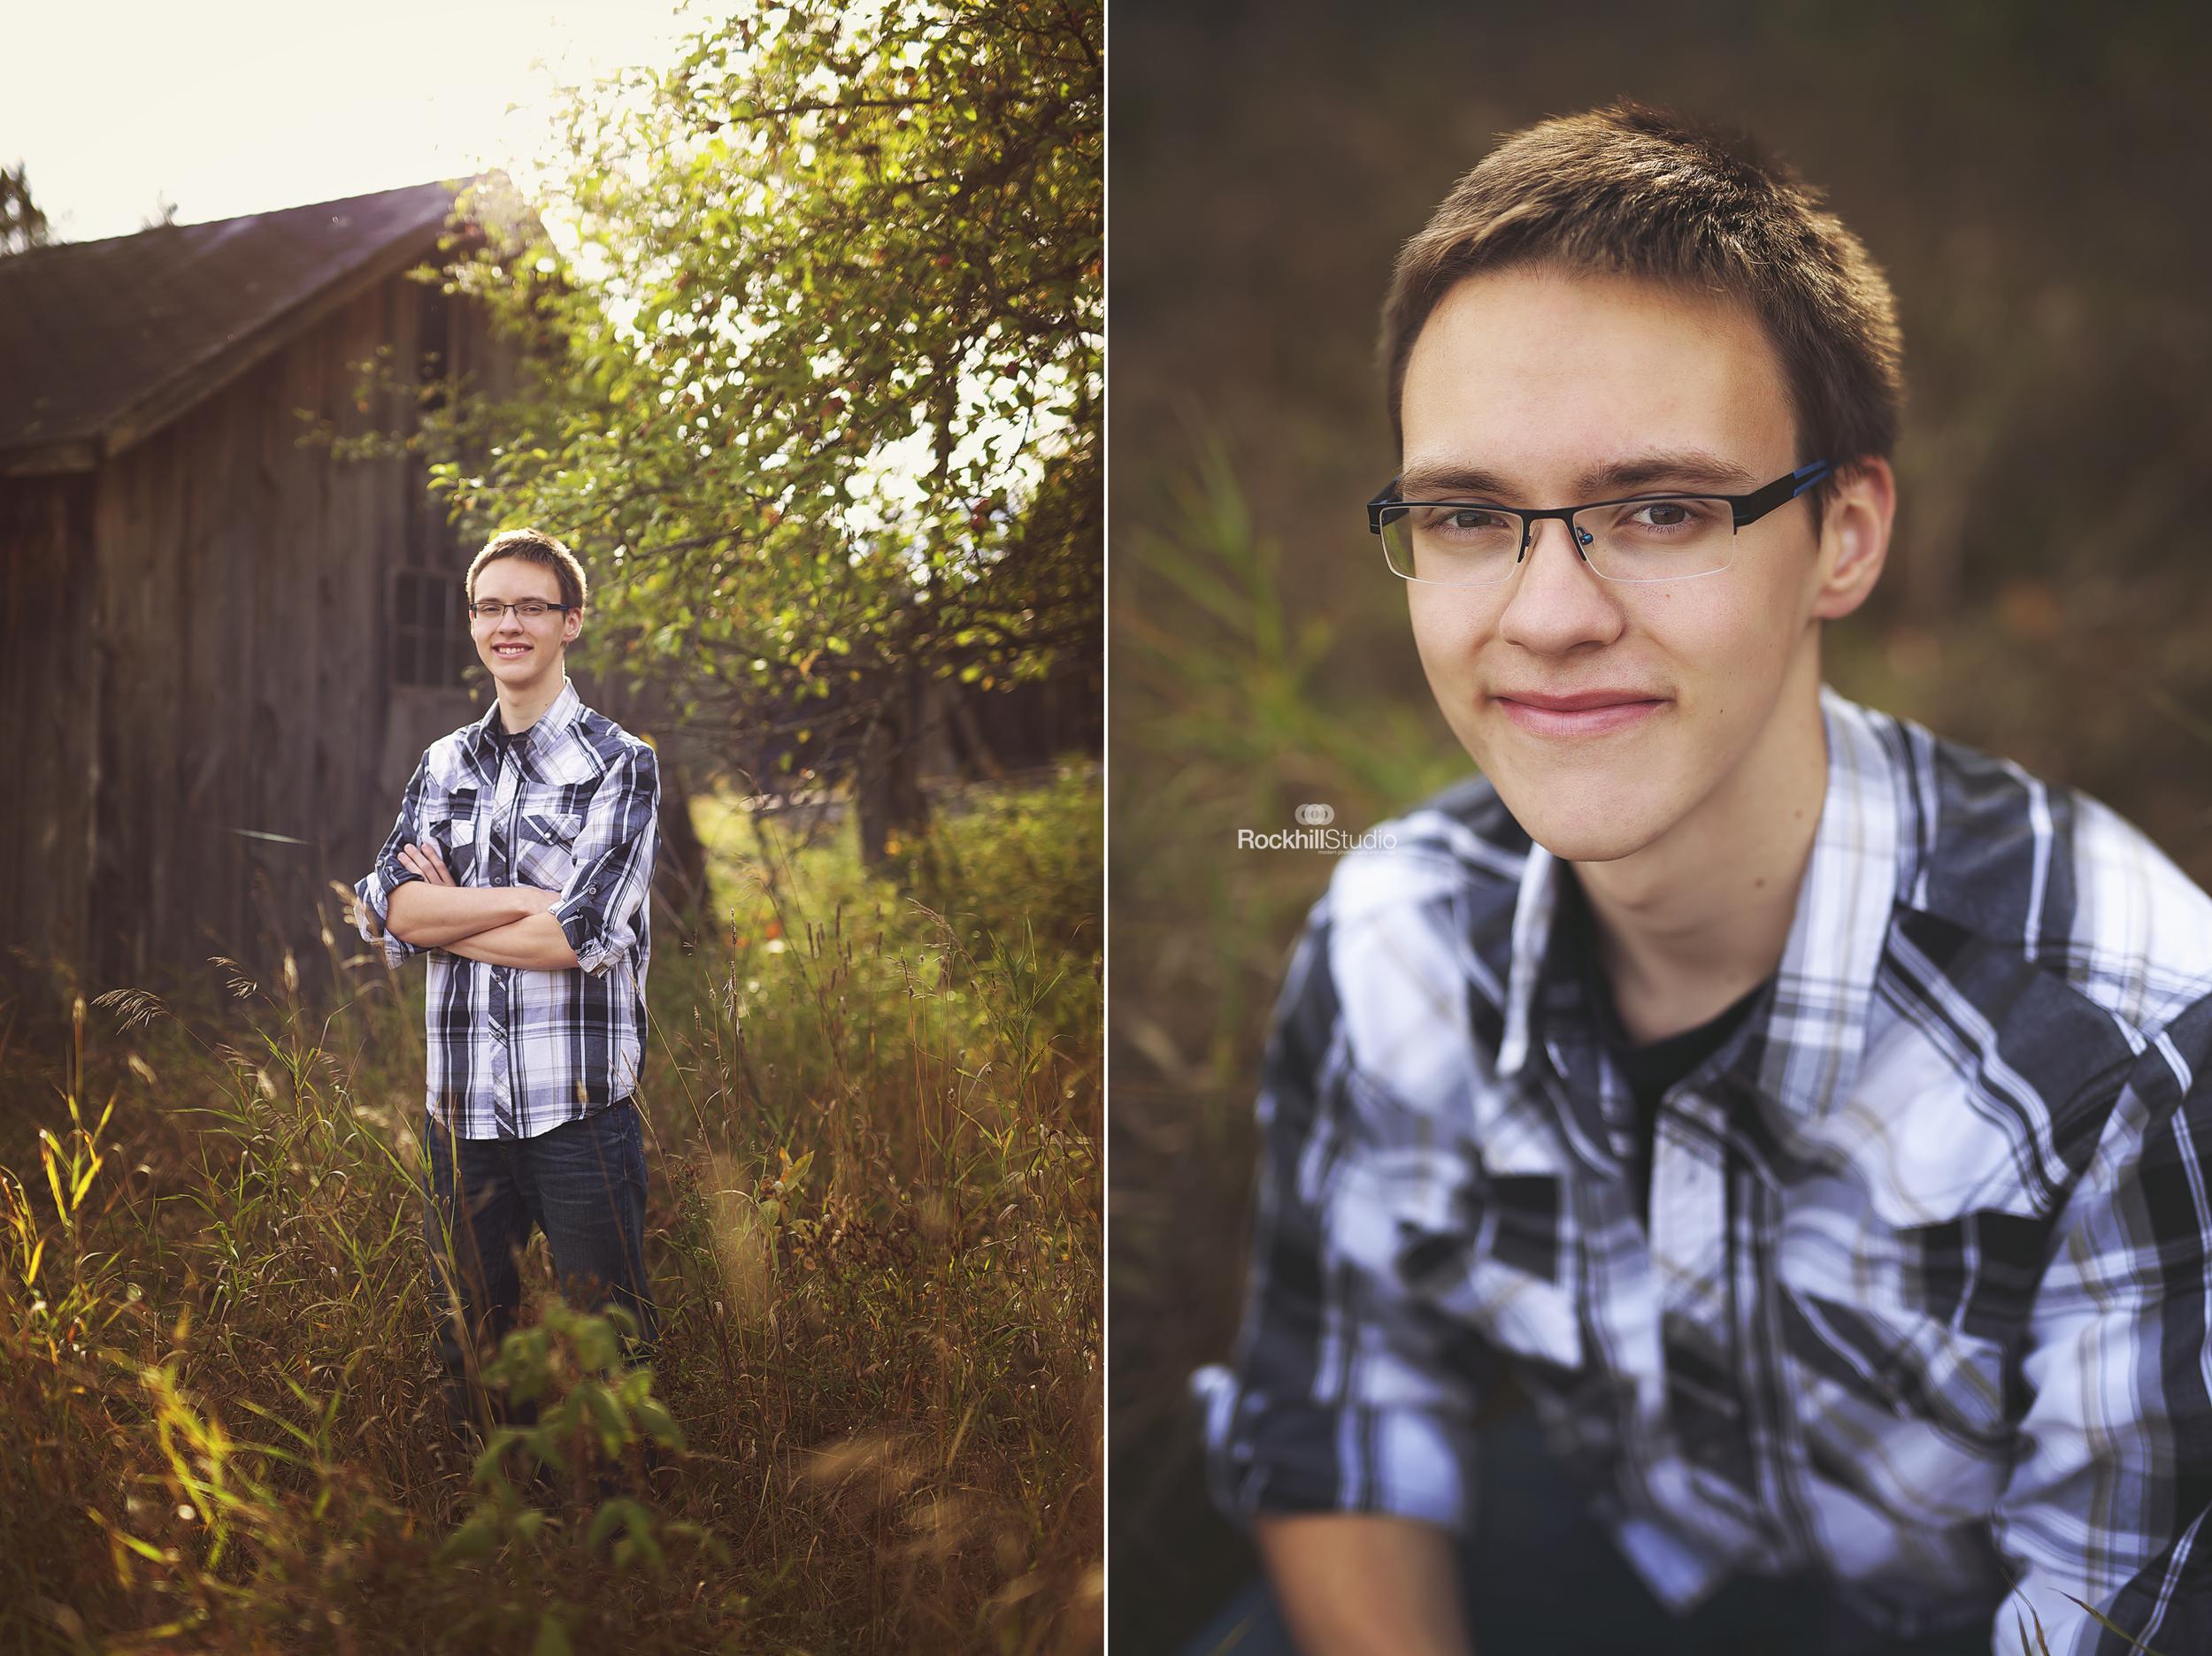 marquette-senior-photographer-upper-peninsula-michigan-senior-guy-rustic.jpg